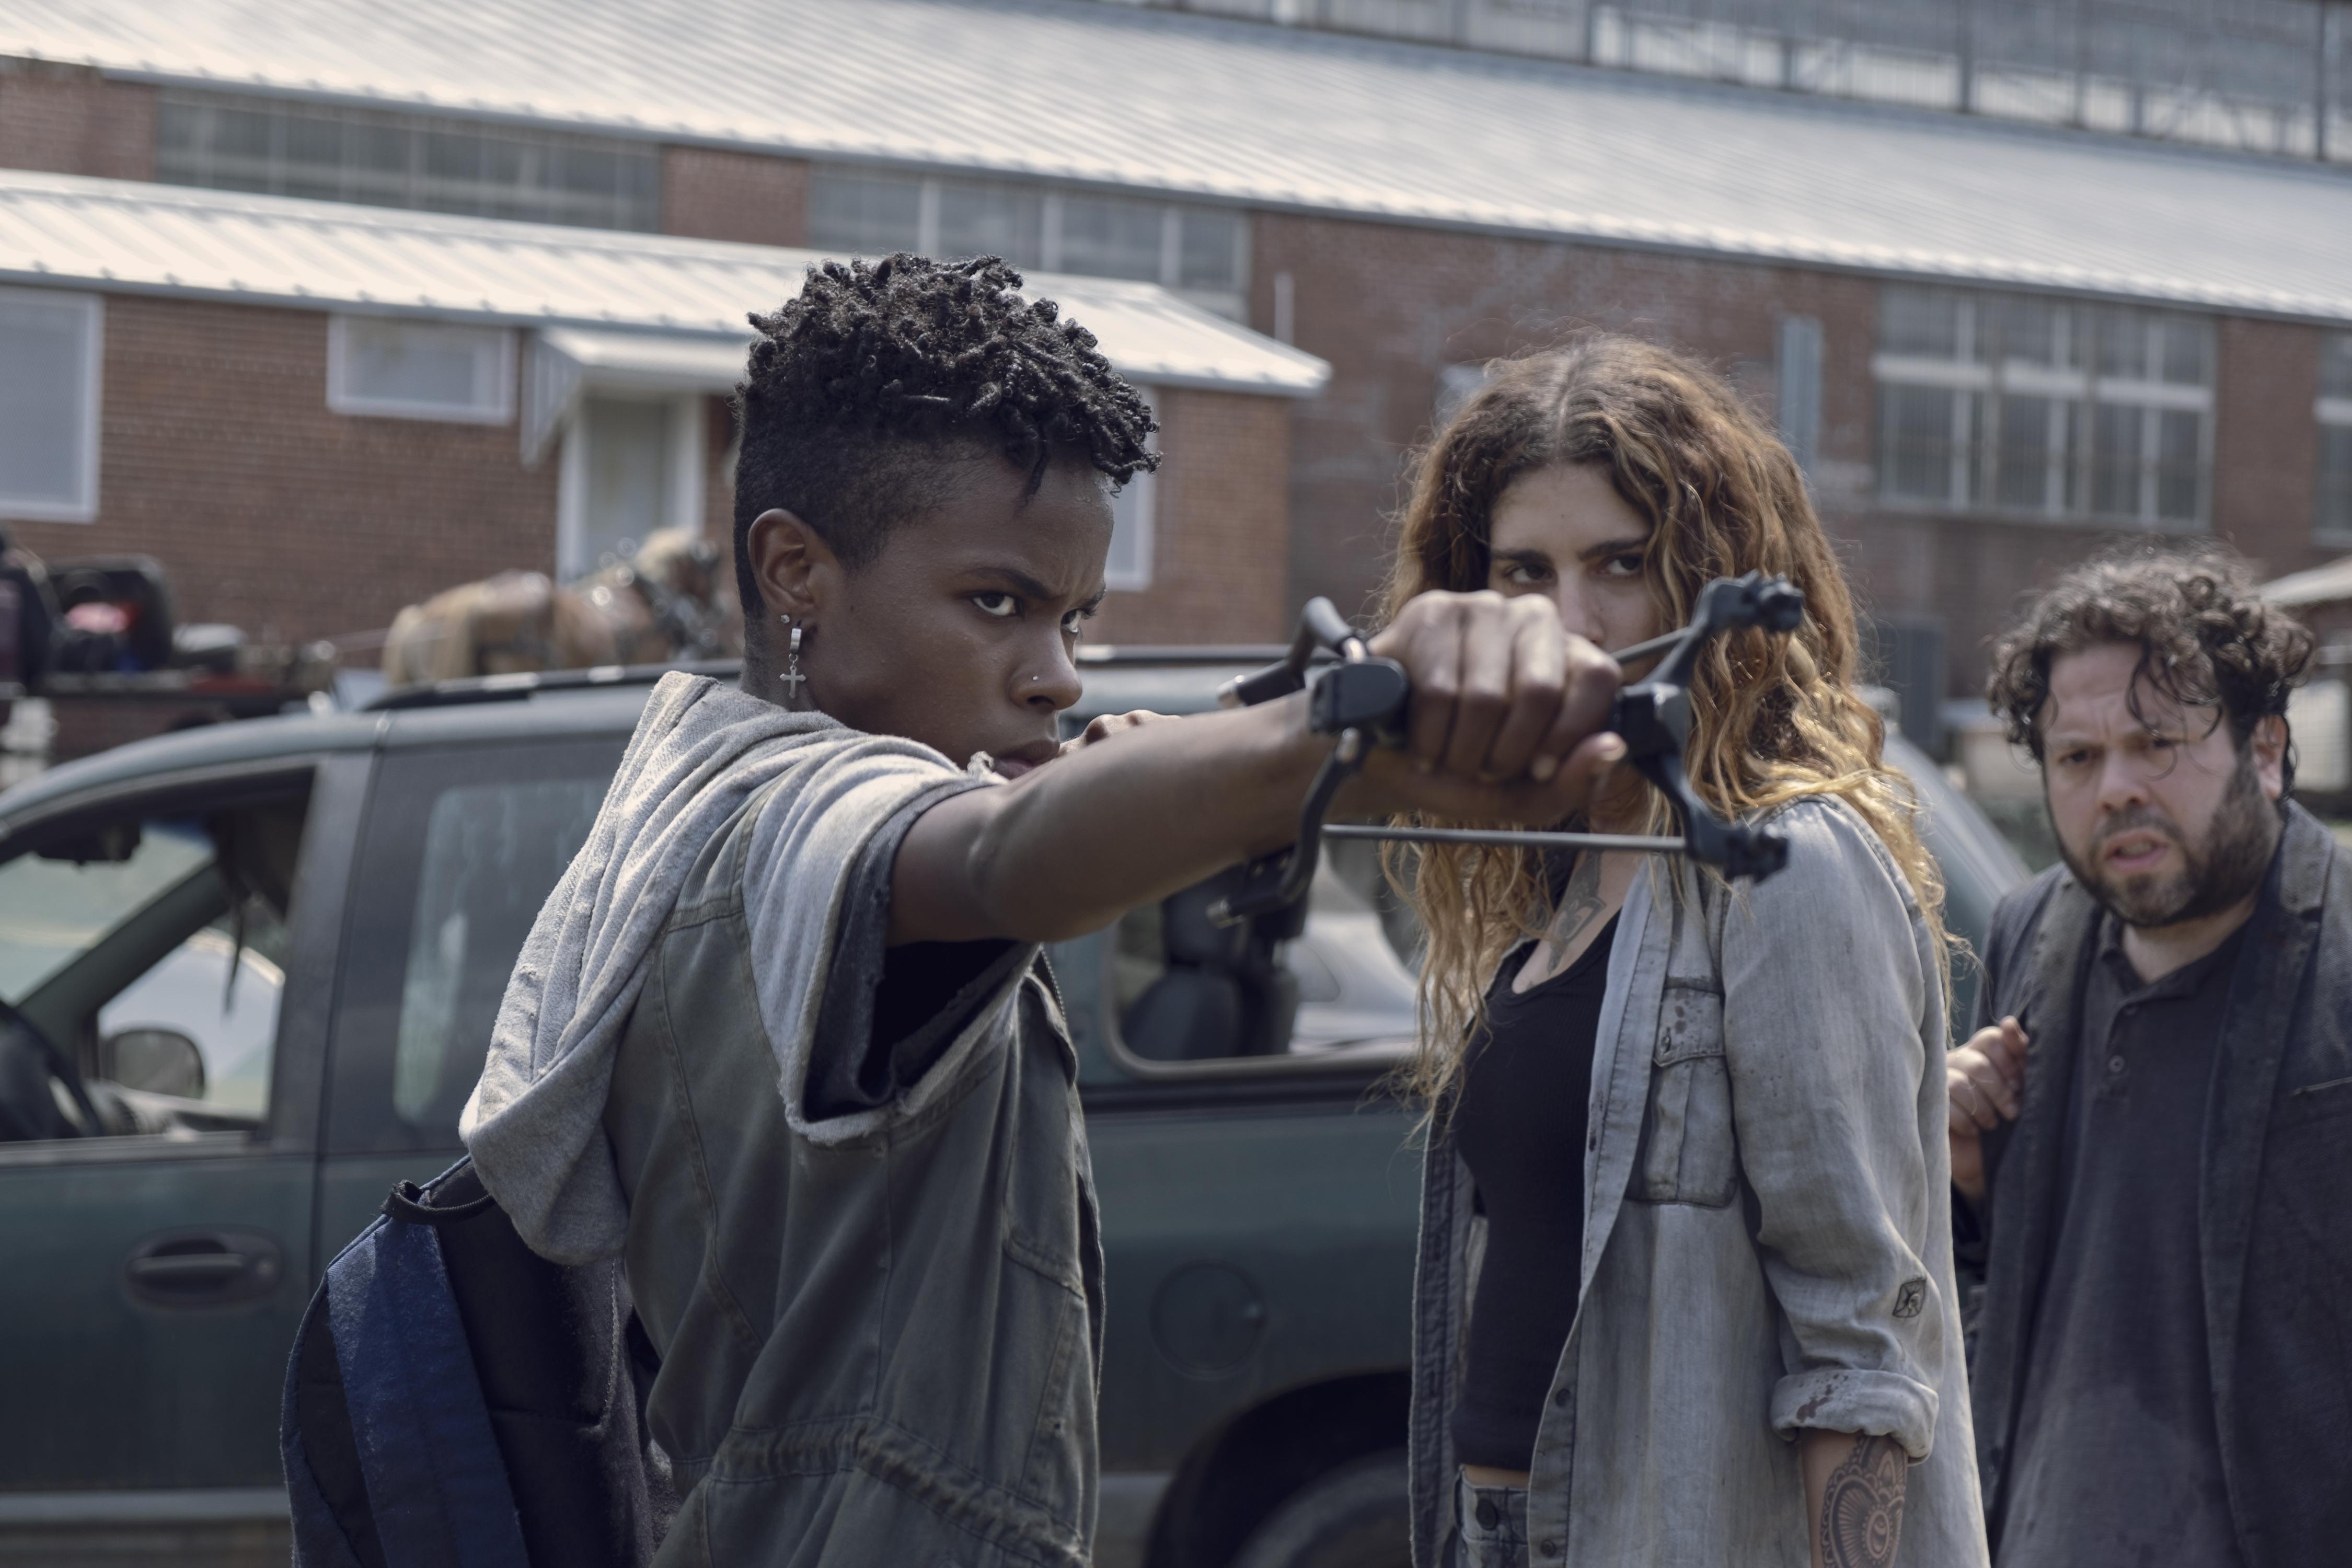 Kelly (Angel Theory), Magna (Nadia Hilker) et même Luke (Dan Folger) démontrent comment leur groupe a survécu à la route pendant toutes ces années. - The Walking Dead Saison 9 Épisode 7 - Crédit photo : Gene Page/AMC